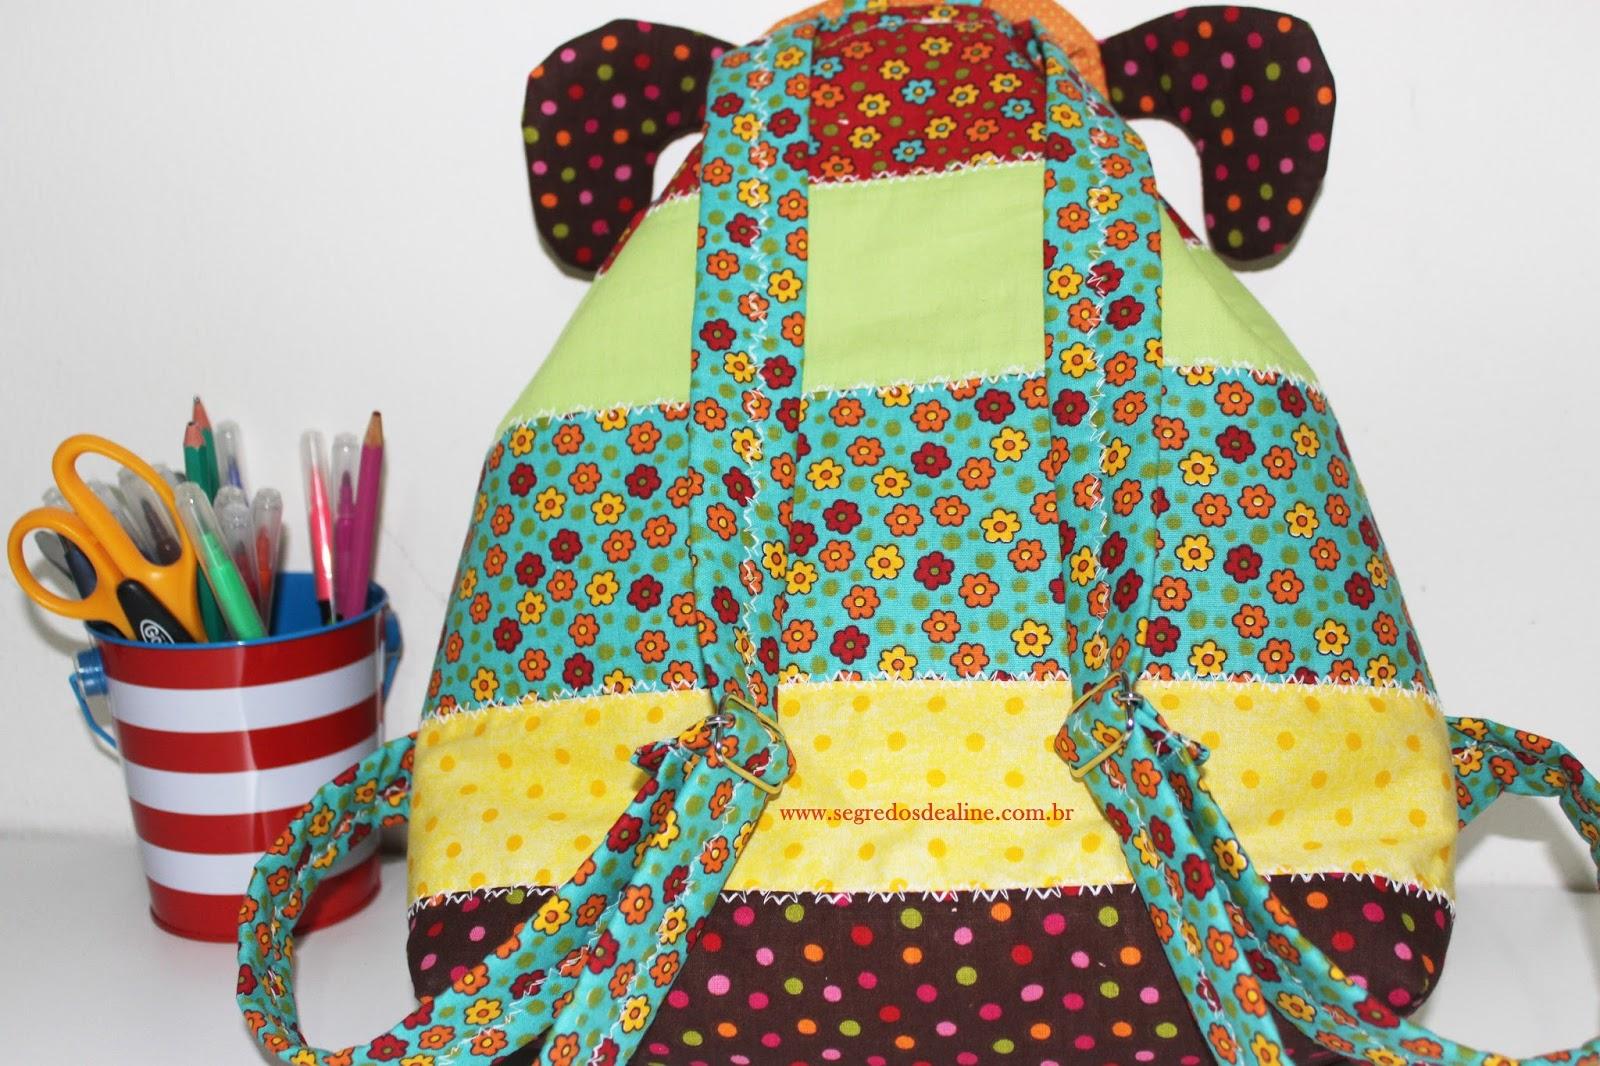 Bolsa Em Tecido Infantil Passo A Passo : Segredos de aline mochila infantil patchwork